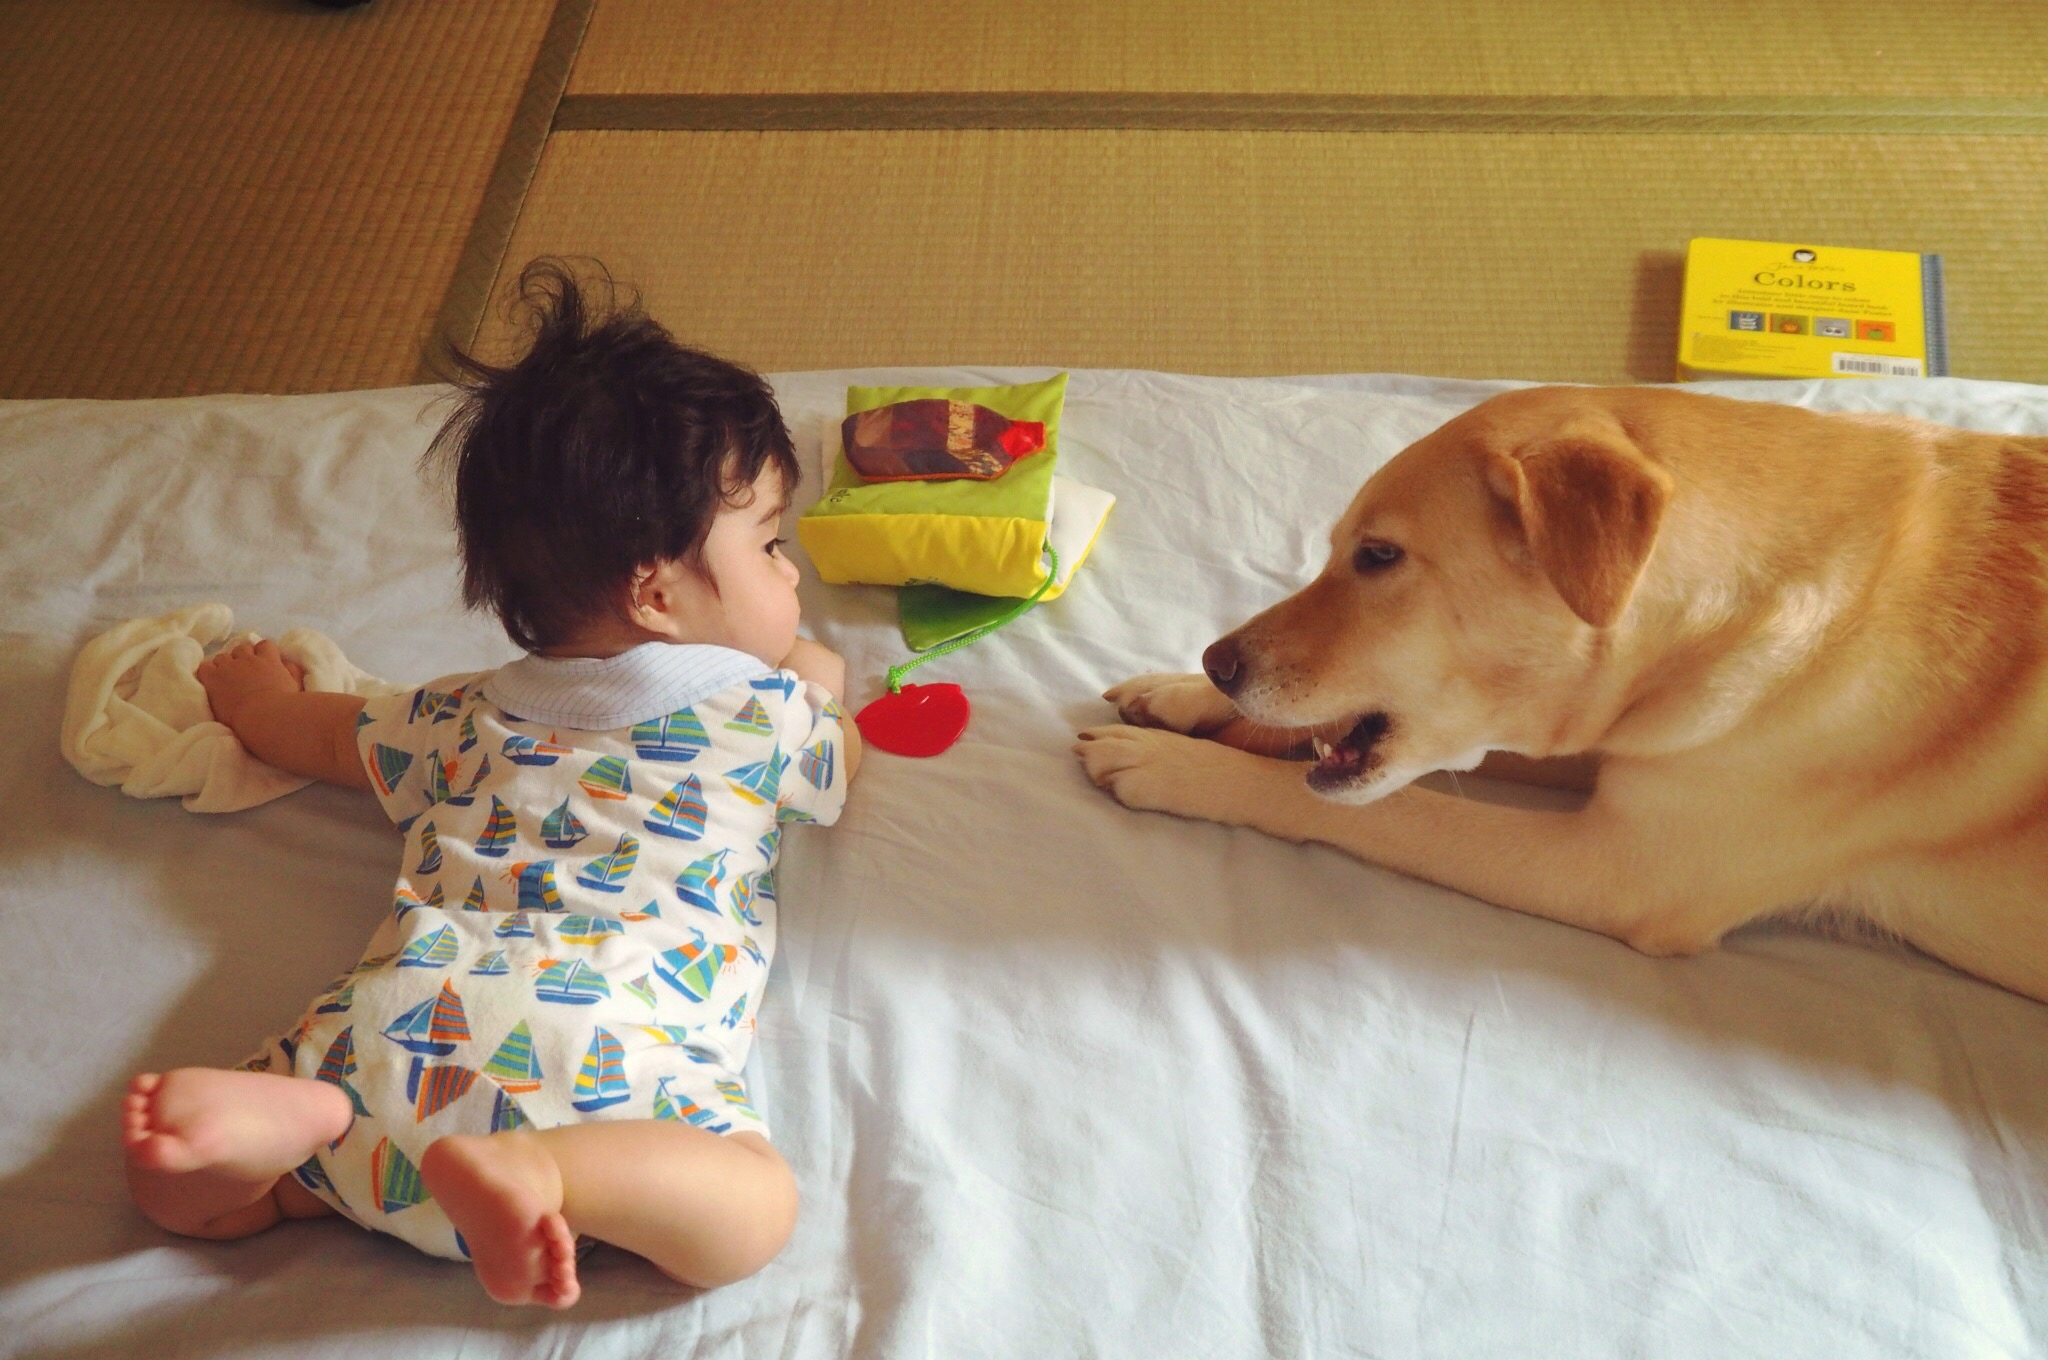 赤ちゃんと犬 犬と赤ちゃん 大型犬